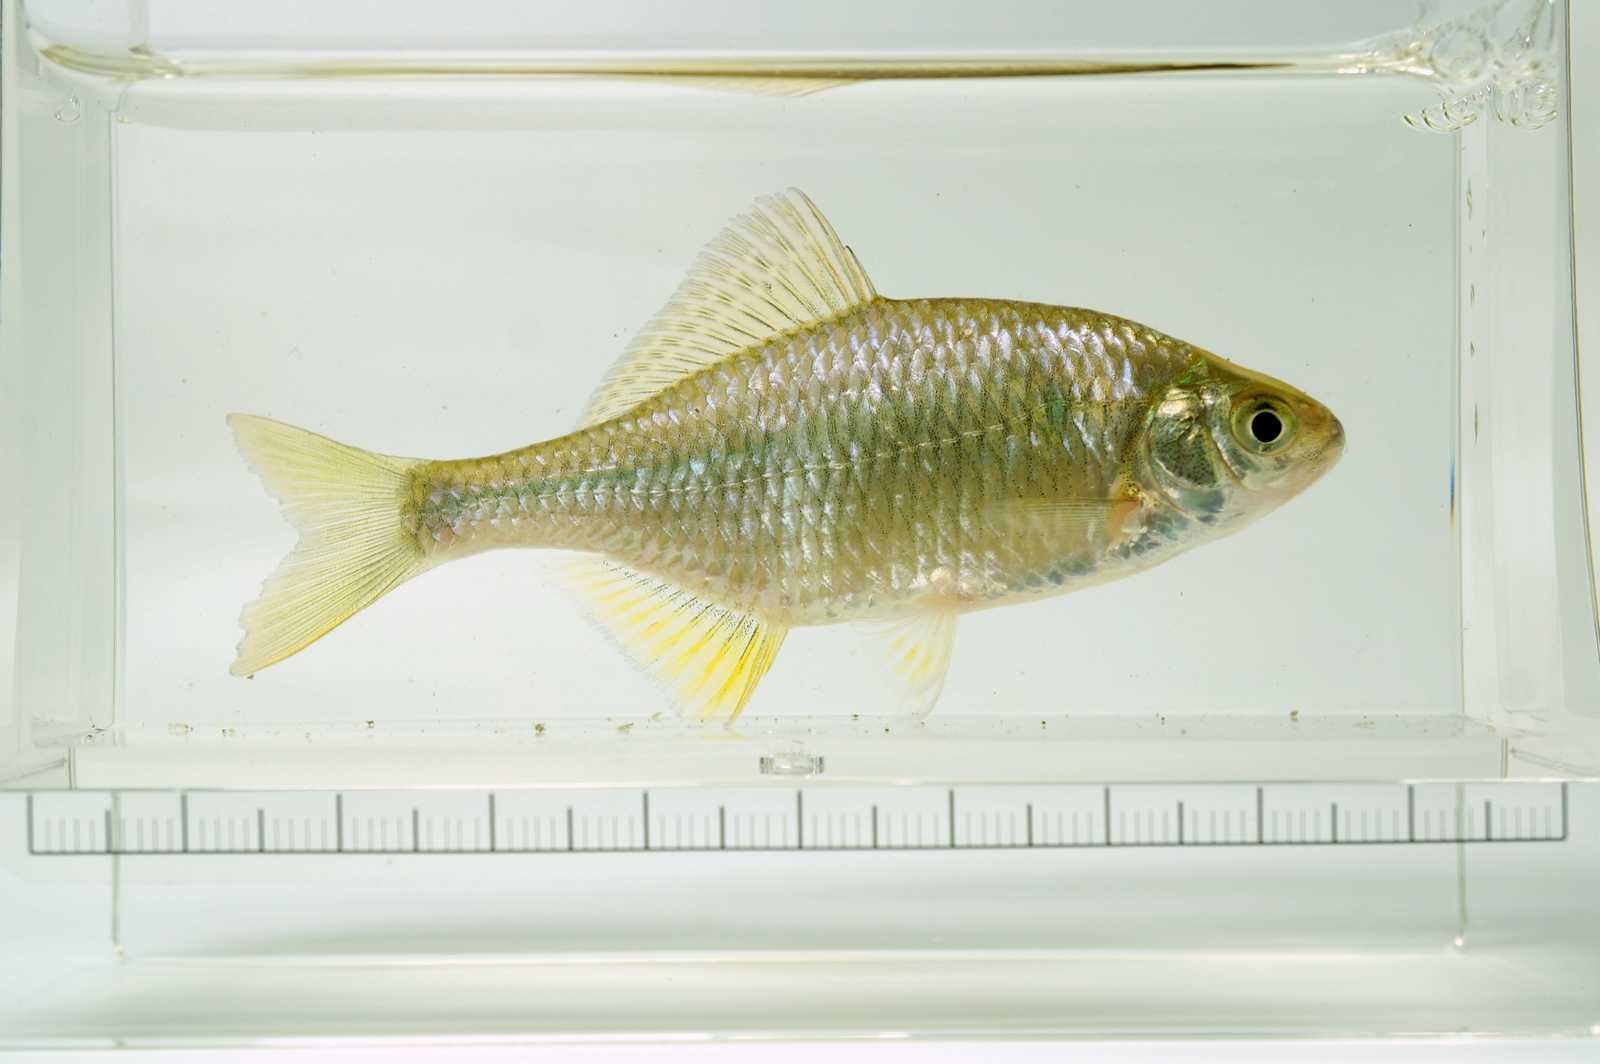 가시납지리(ガシナプジーリー 和名チョウセントゲタナゴ コウガイタナゴ Acanthorhodeus gracilis → Acheilognathus chankaensis)